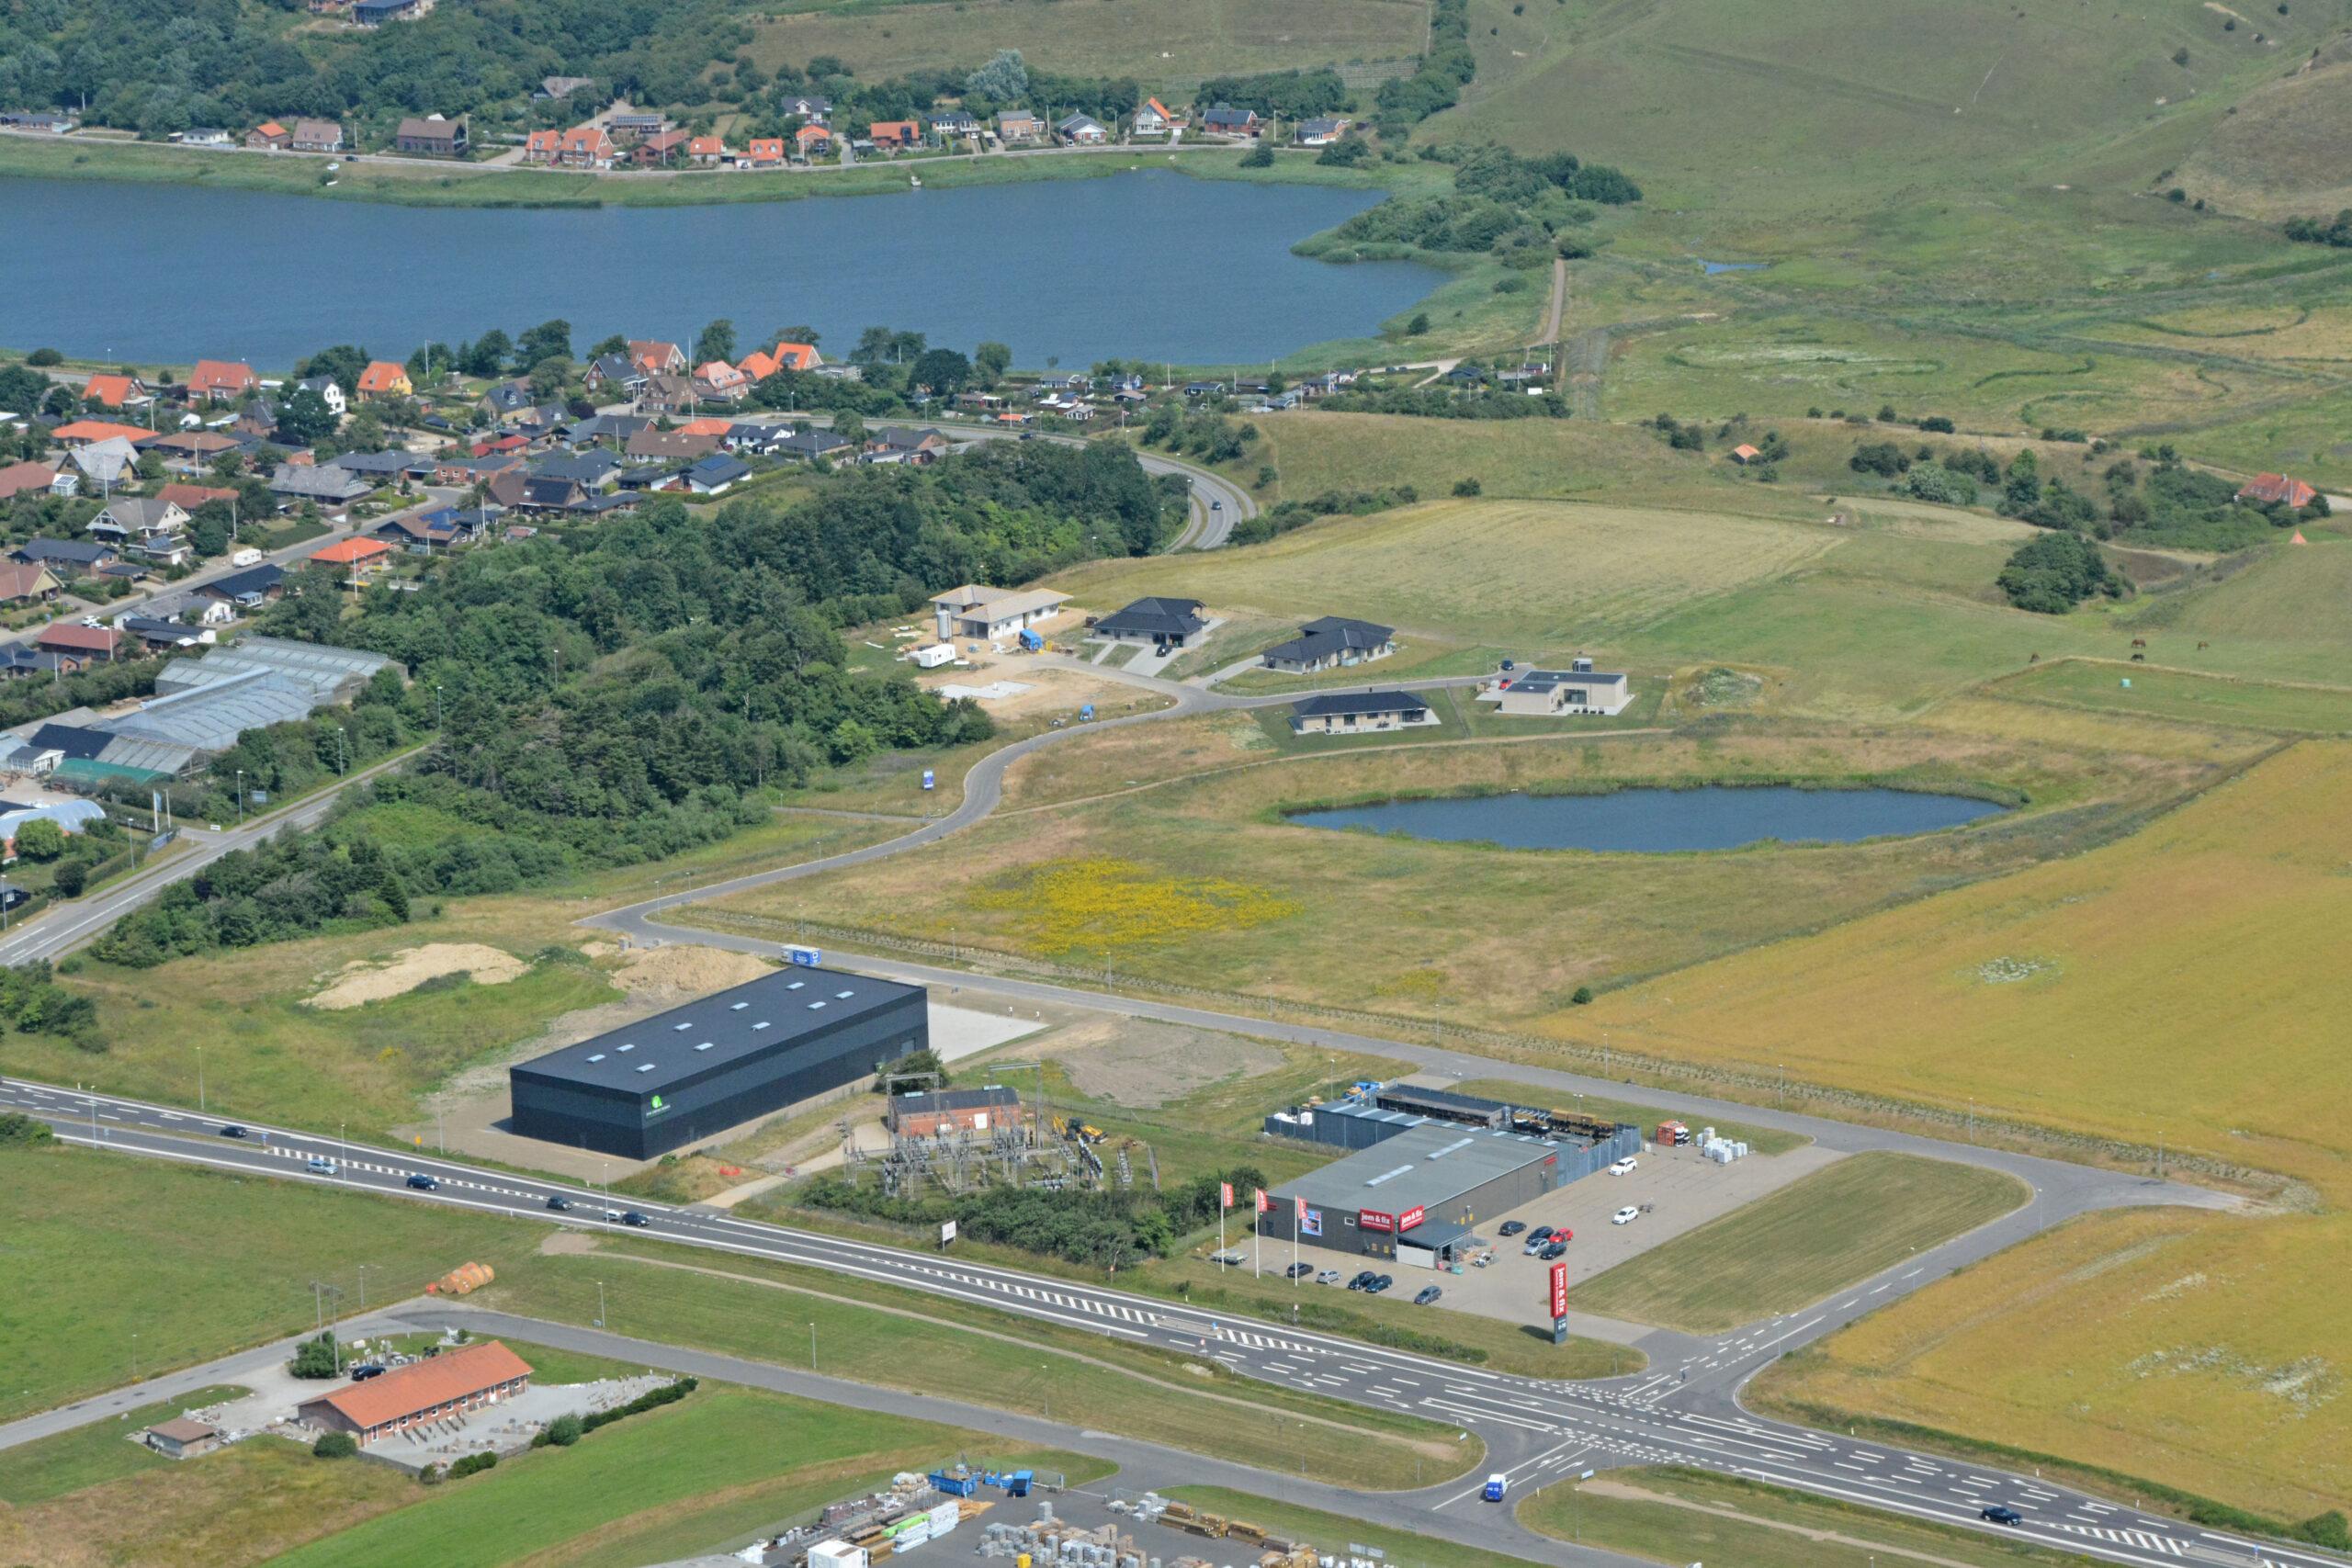 Luftfoto 19.07.21, Saturnvej: Padel Sport Lemvig, Jem&Fix og boligområde Søglimt med Lemvig sø i baggrunden